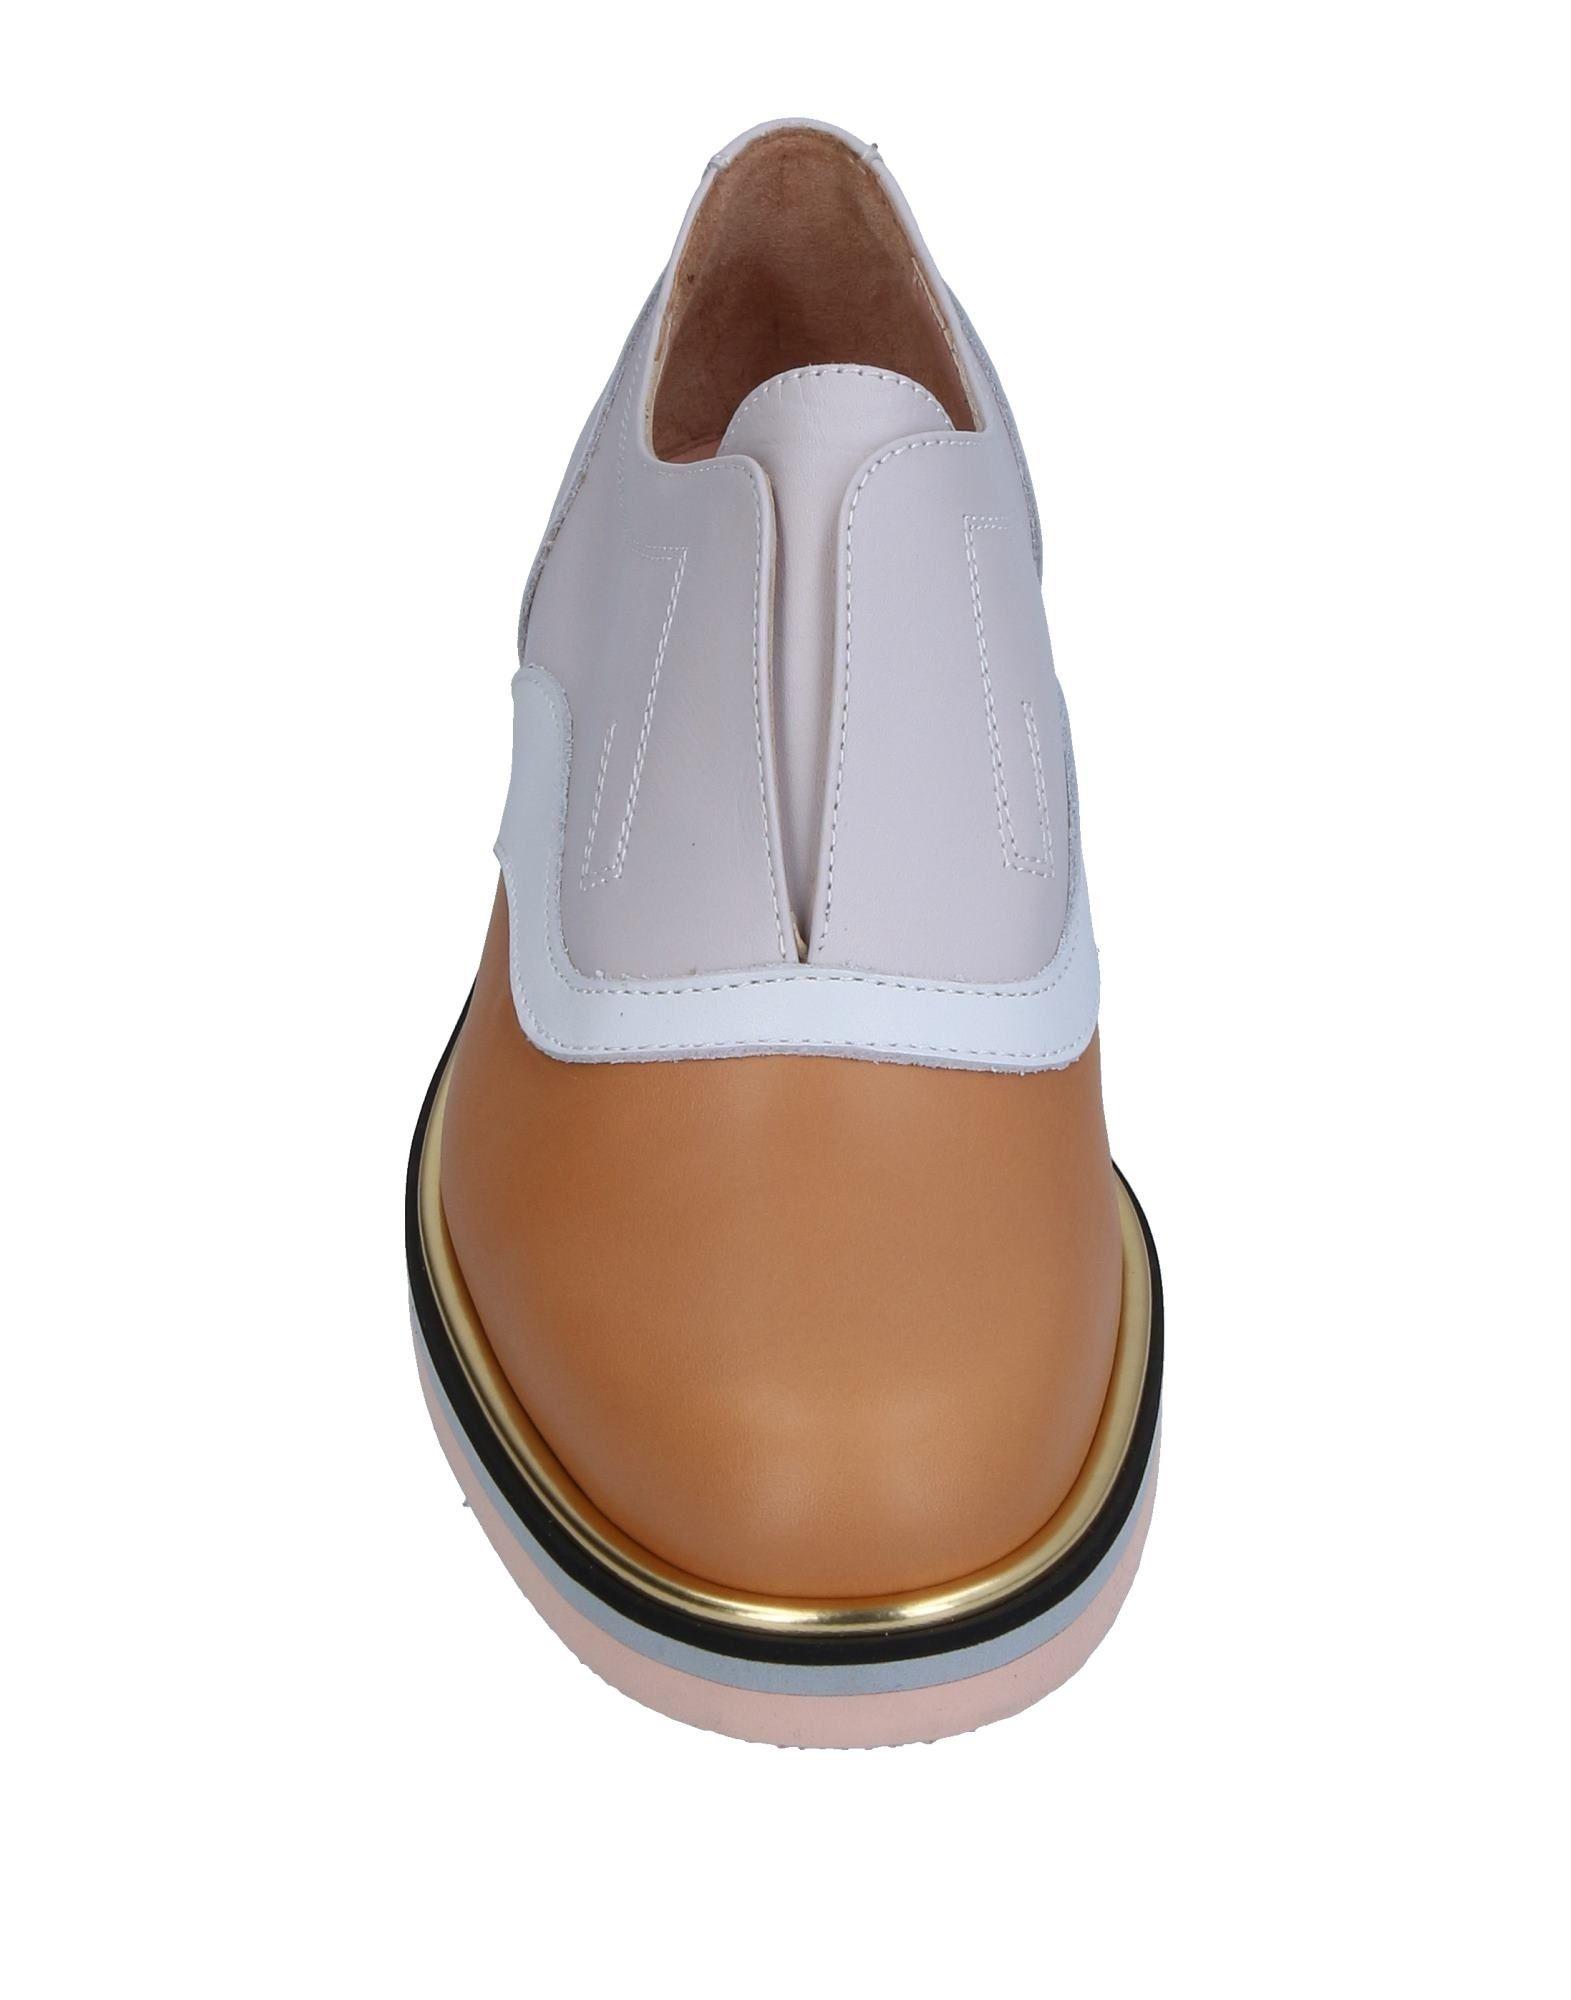 Pollini Mokassins Damen  11331227FIGut strapazierfähige aussehende strapazierfähige 11331227FIGut Schuhe ef12bf